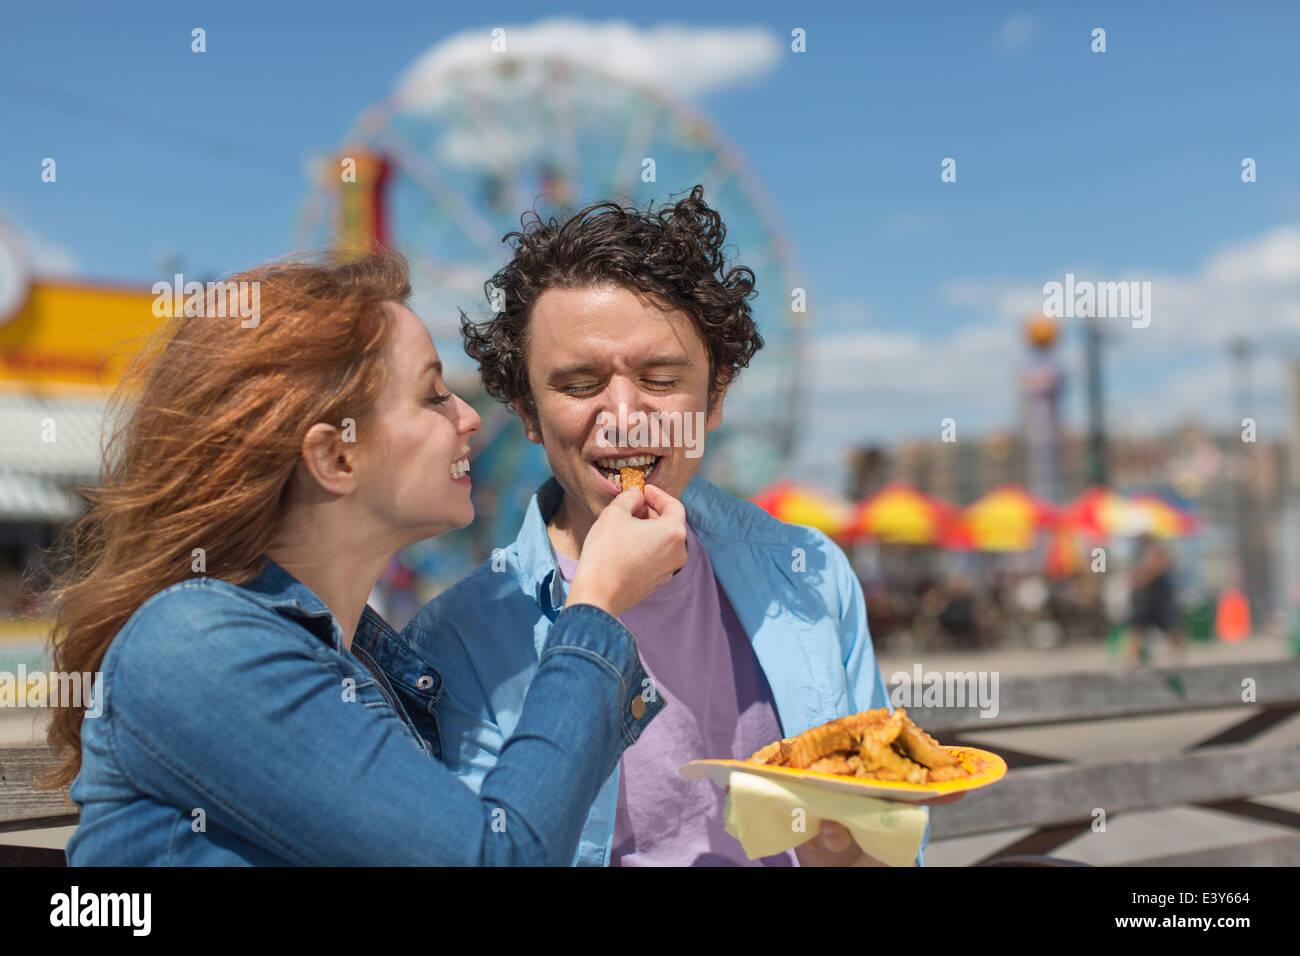 Couple romantique chaque alimentation d'autres jetons à amusement park Banque D'Images